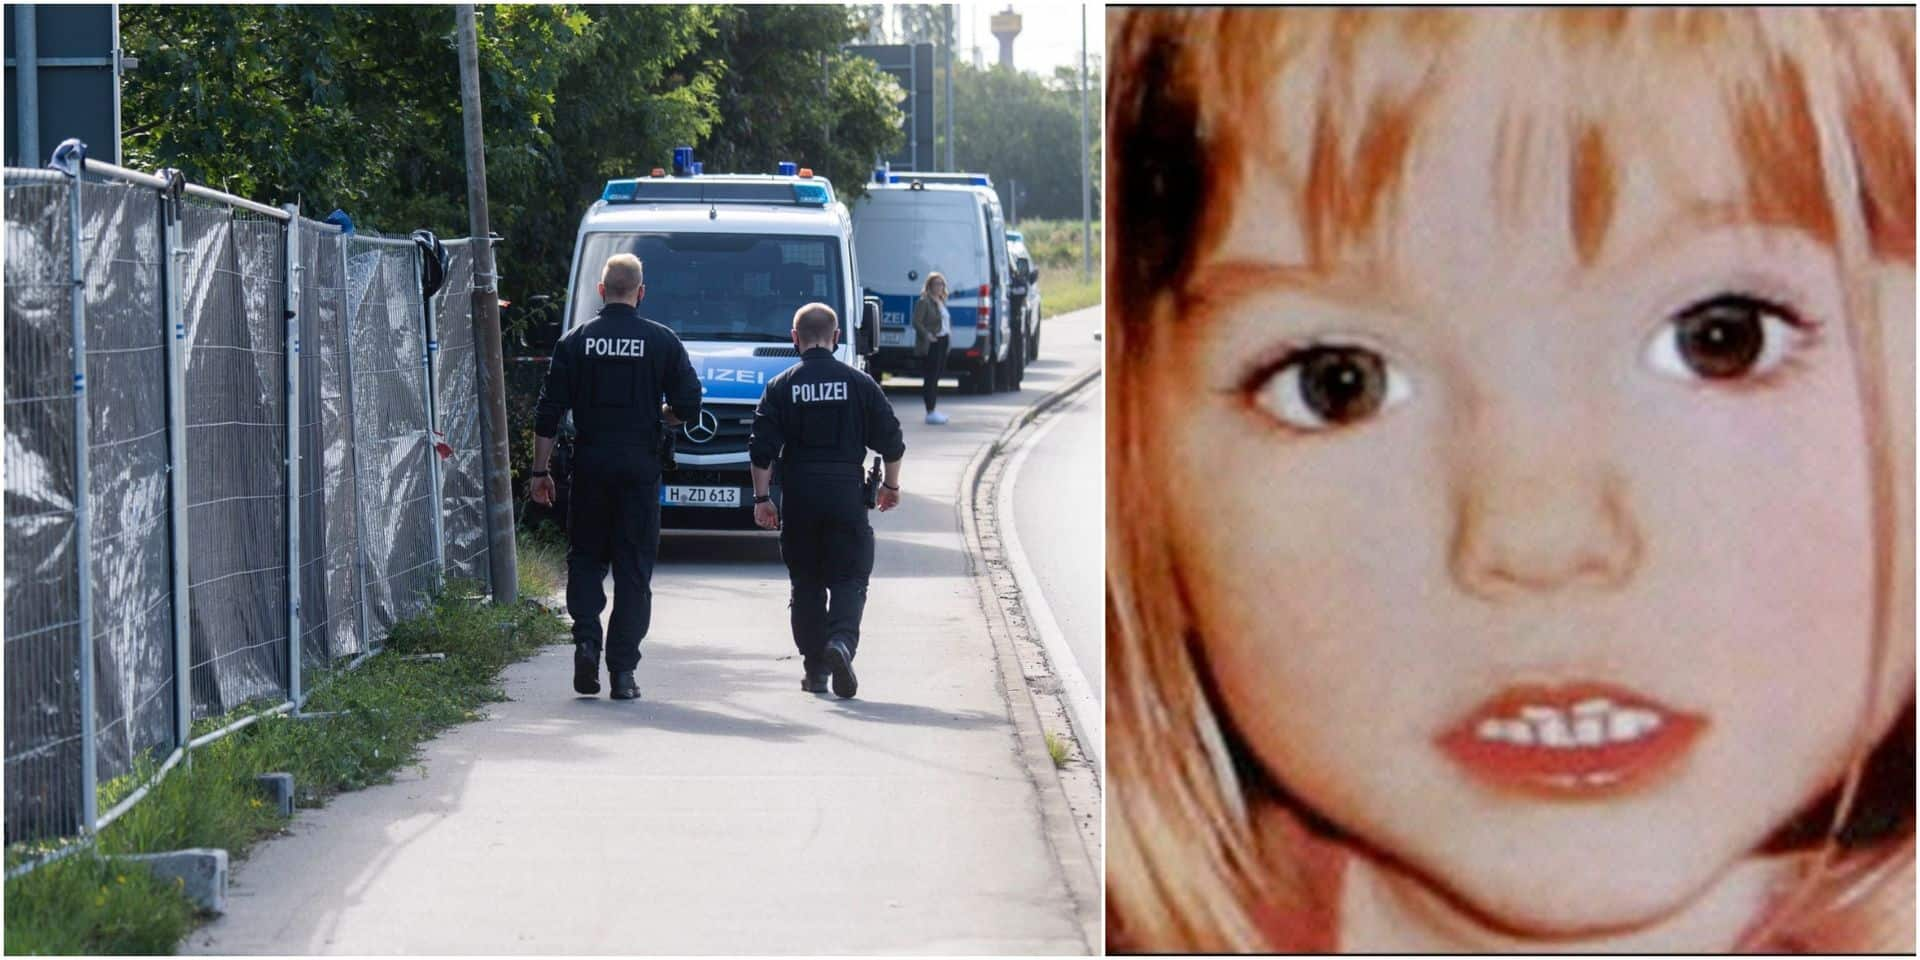 Affaire Maddie McCann: le parquet allemand étudie un lien avec une affaire de viol en 2004